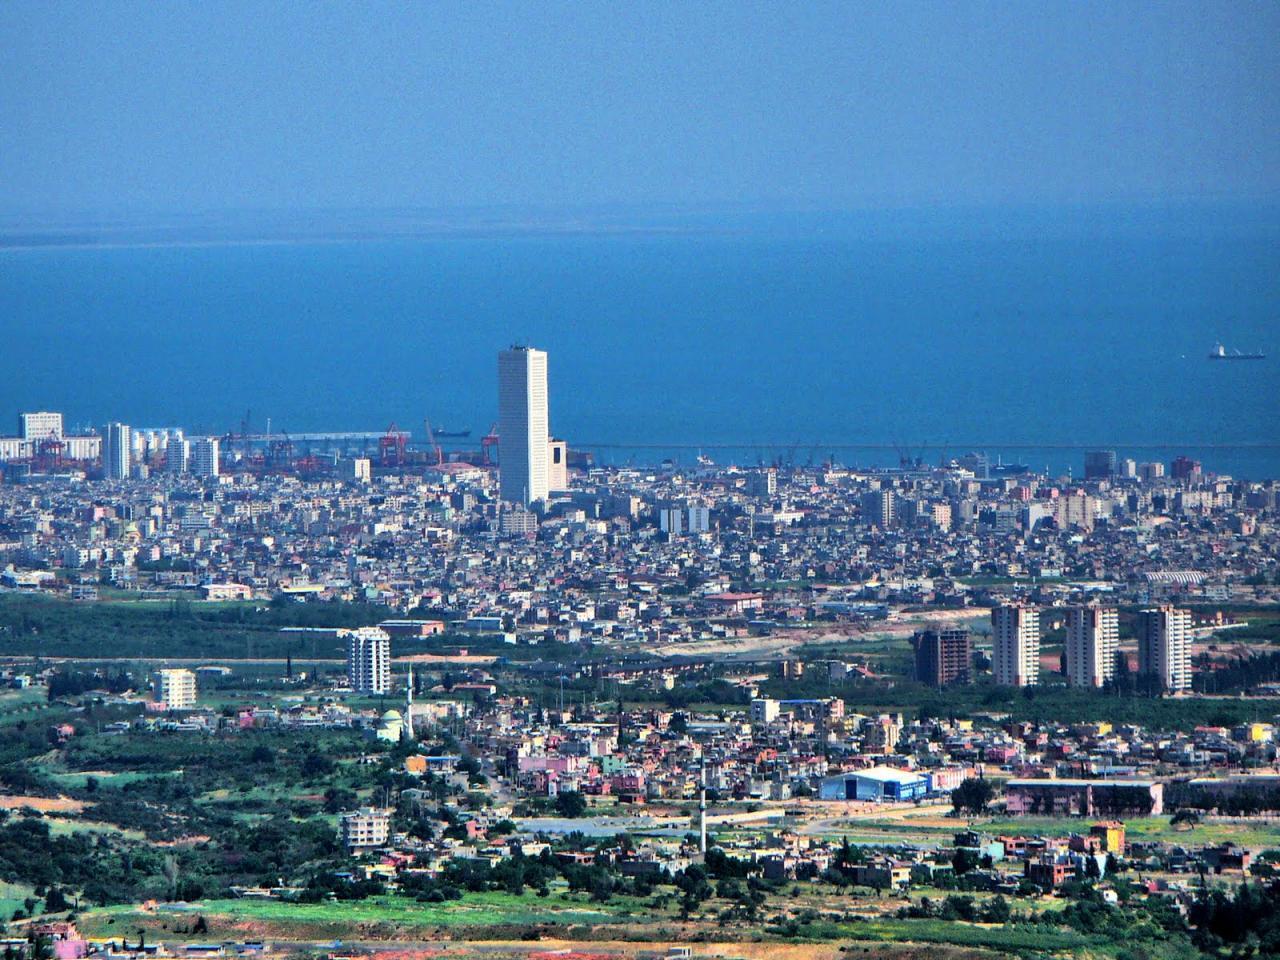 اهم الاماكن السياحية فى مرسين - تركيا